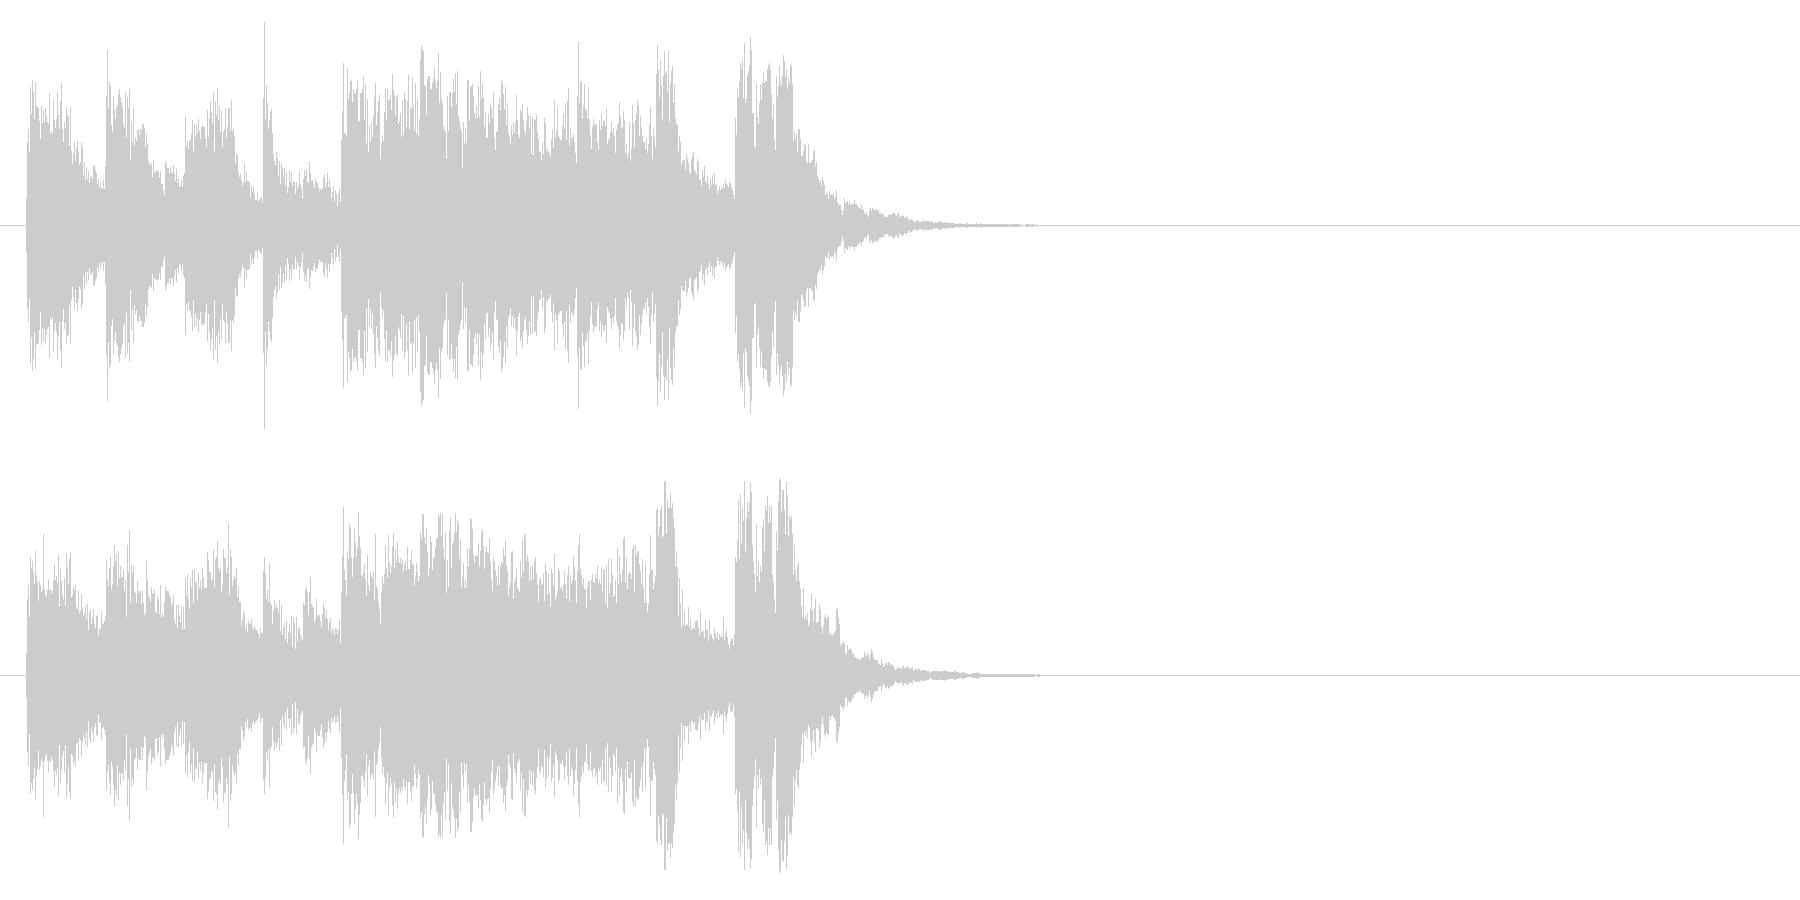 ジングル/アタック(子供のマーチ風)の未再生の波形